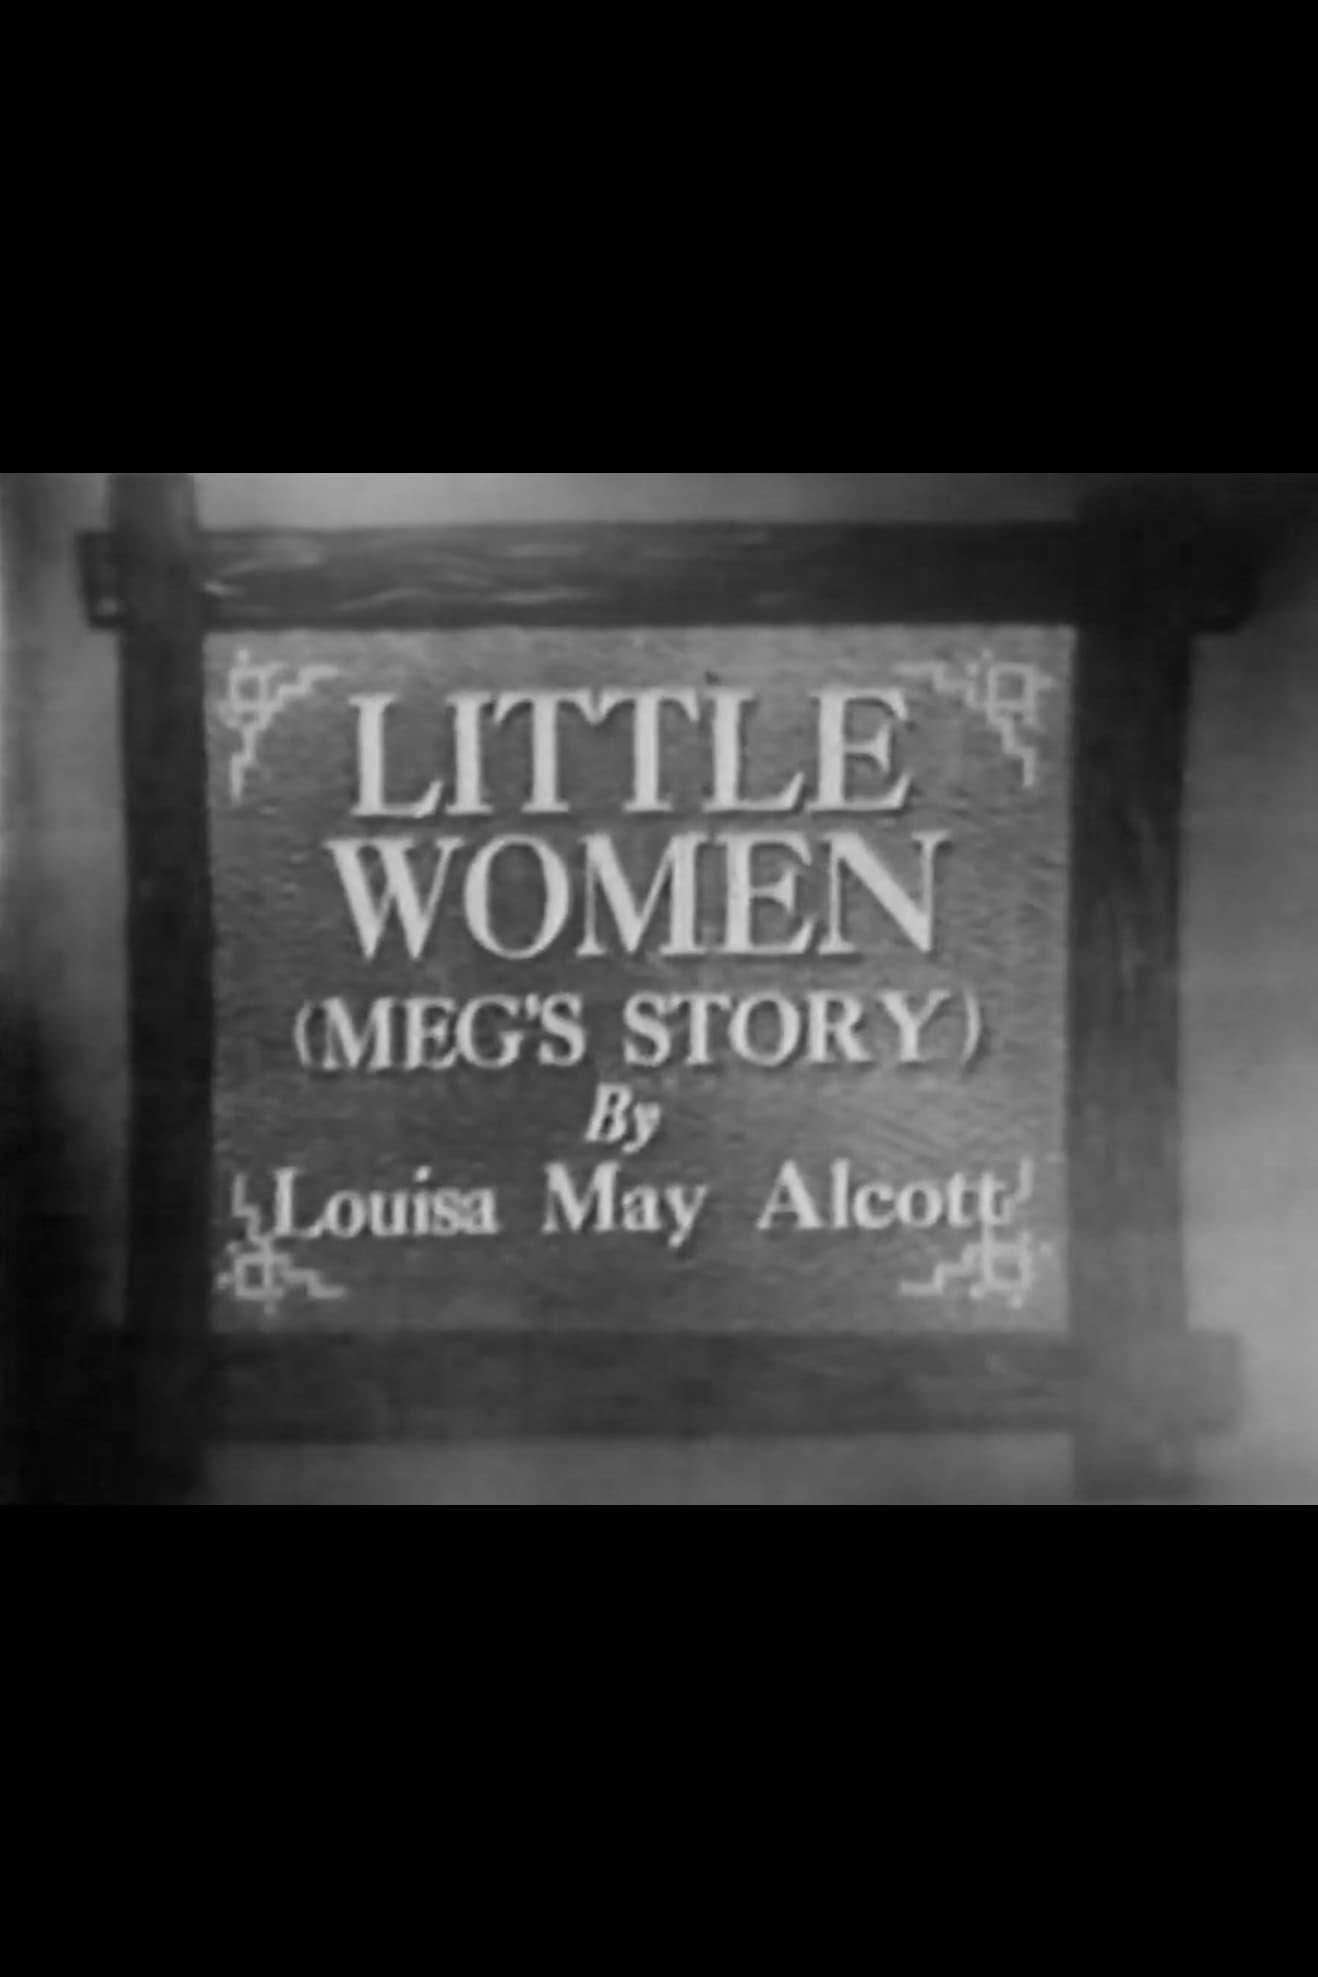 Little Women: Meg's Story